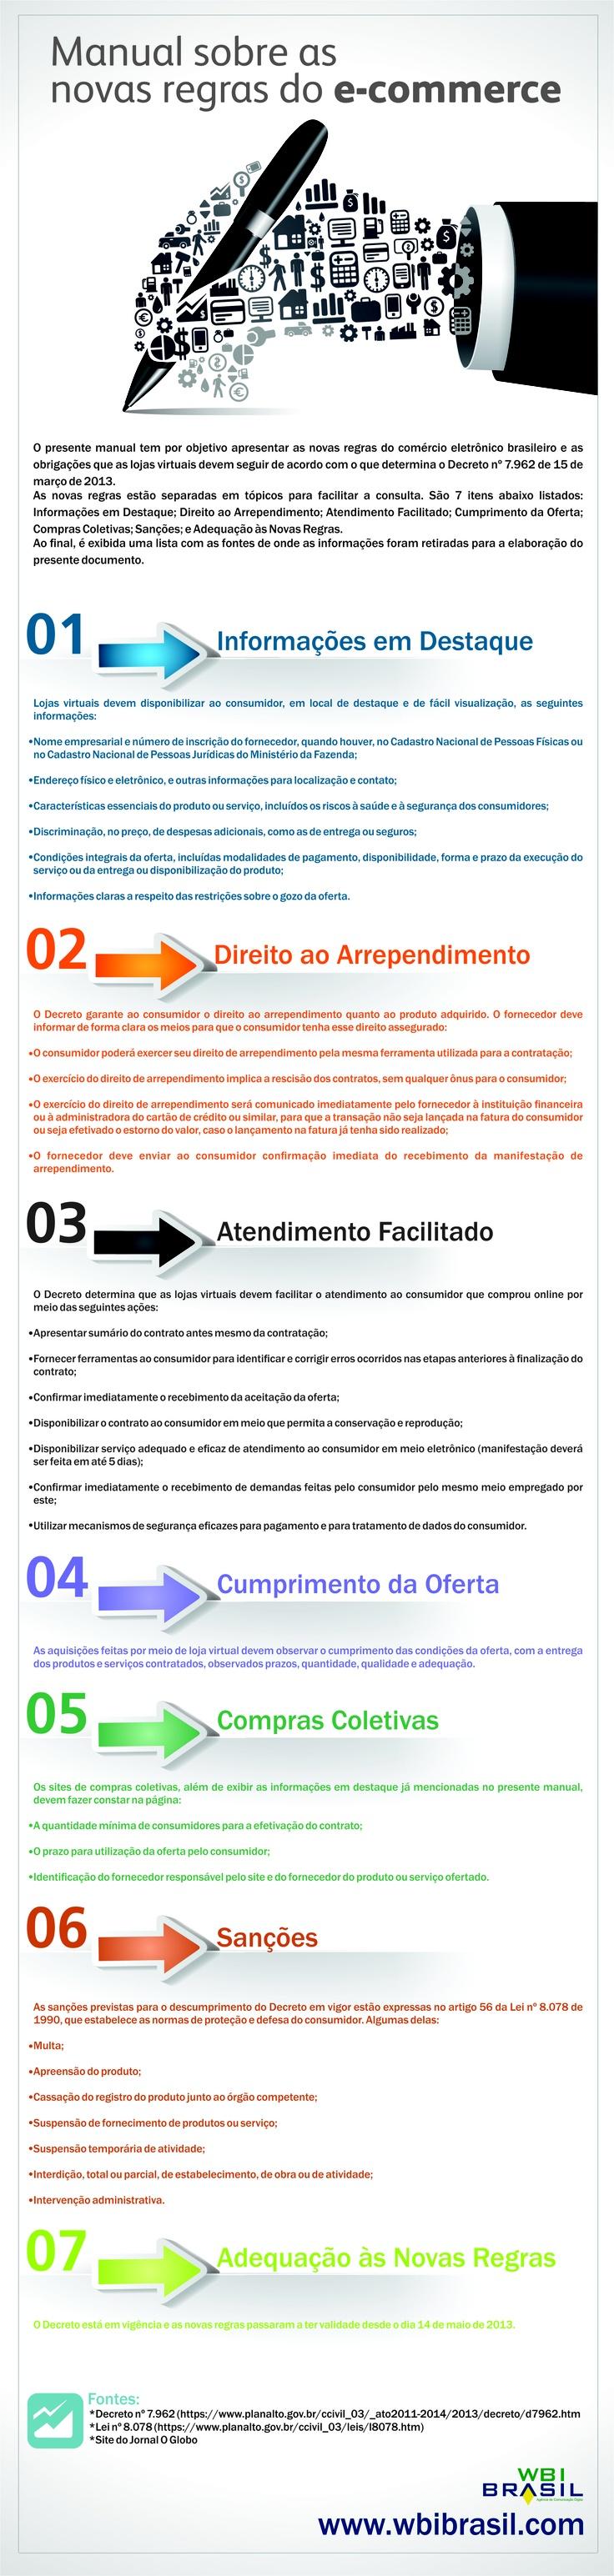 Infográfico: Decreto Lei 7.962: Novas Regras do Comércio Eletrônico no Brasil. #varejo #ecommerce